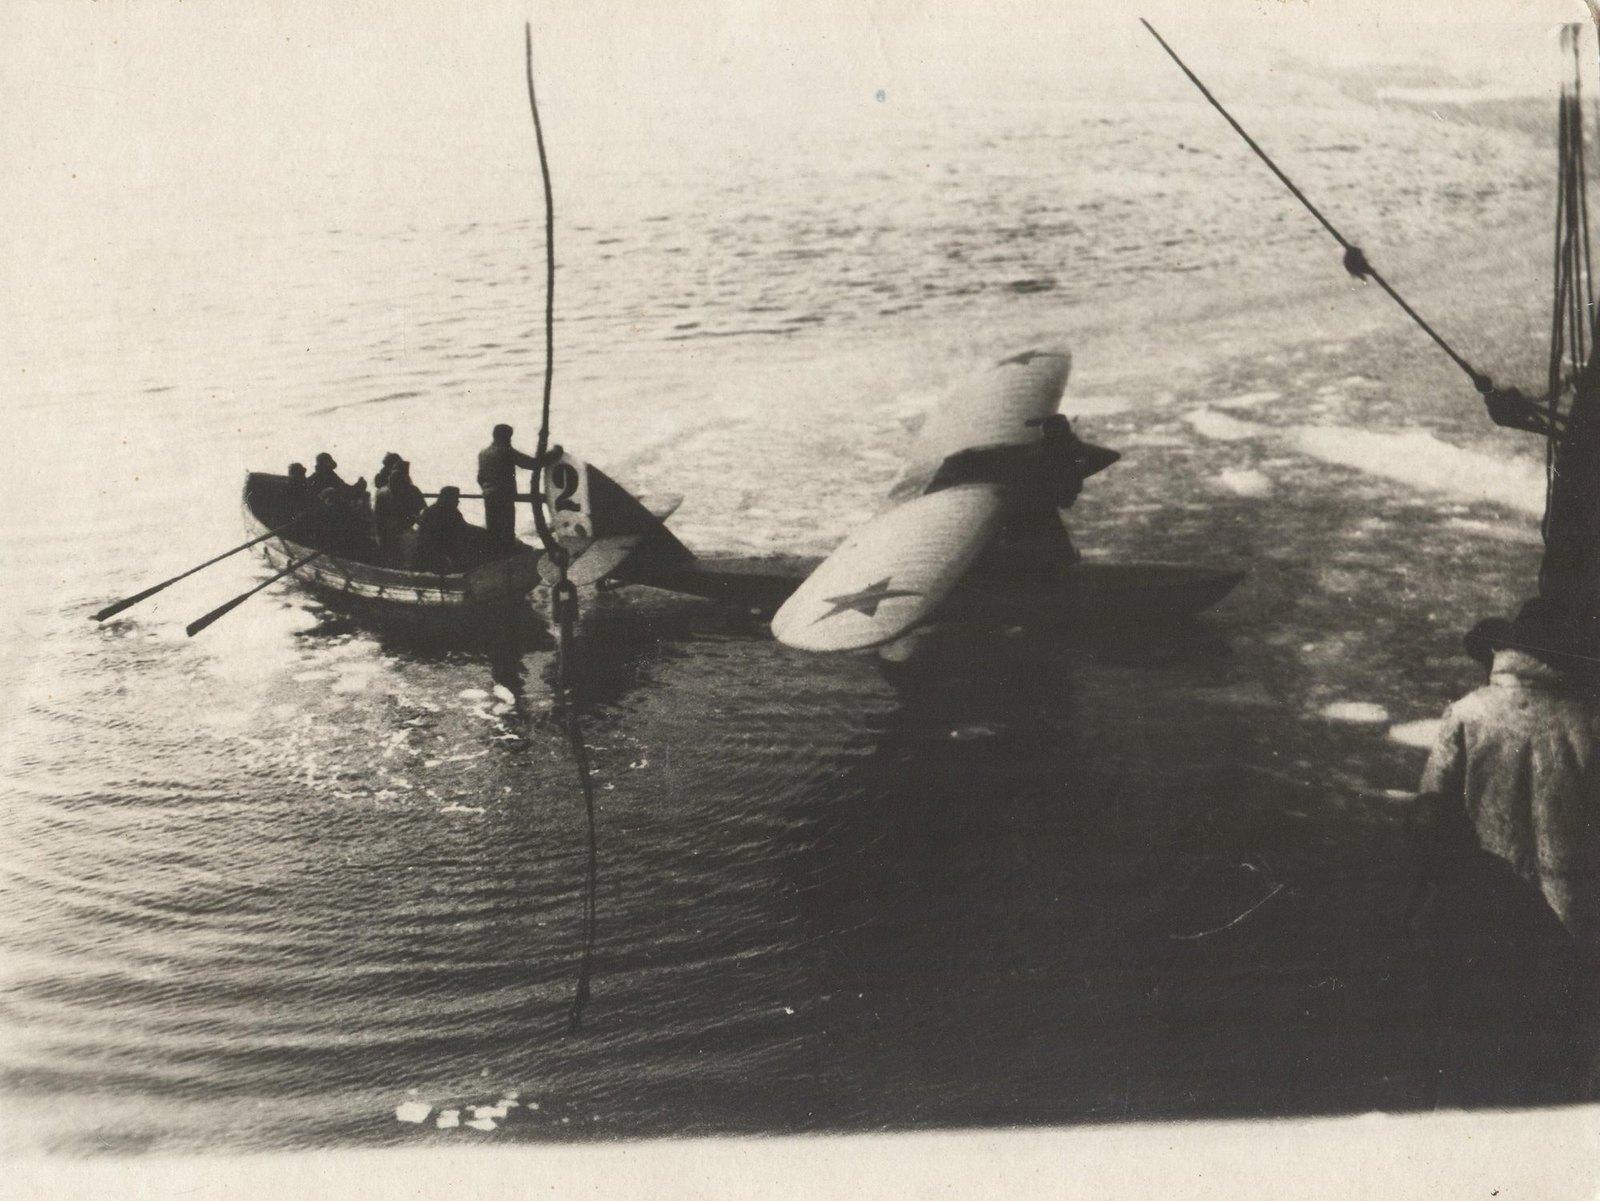 1934. Экспедиция по спасению челюскинцев. Спуск на воду самолета-амфибии